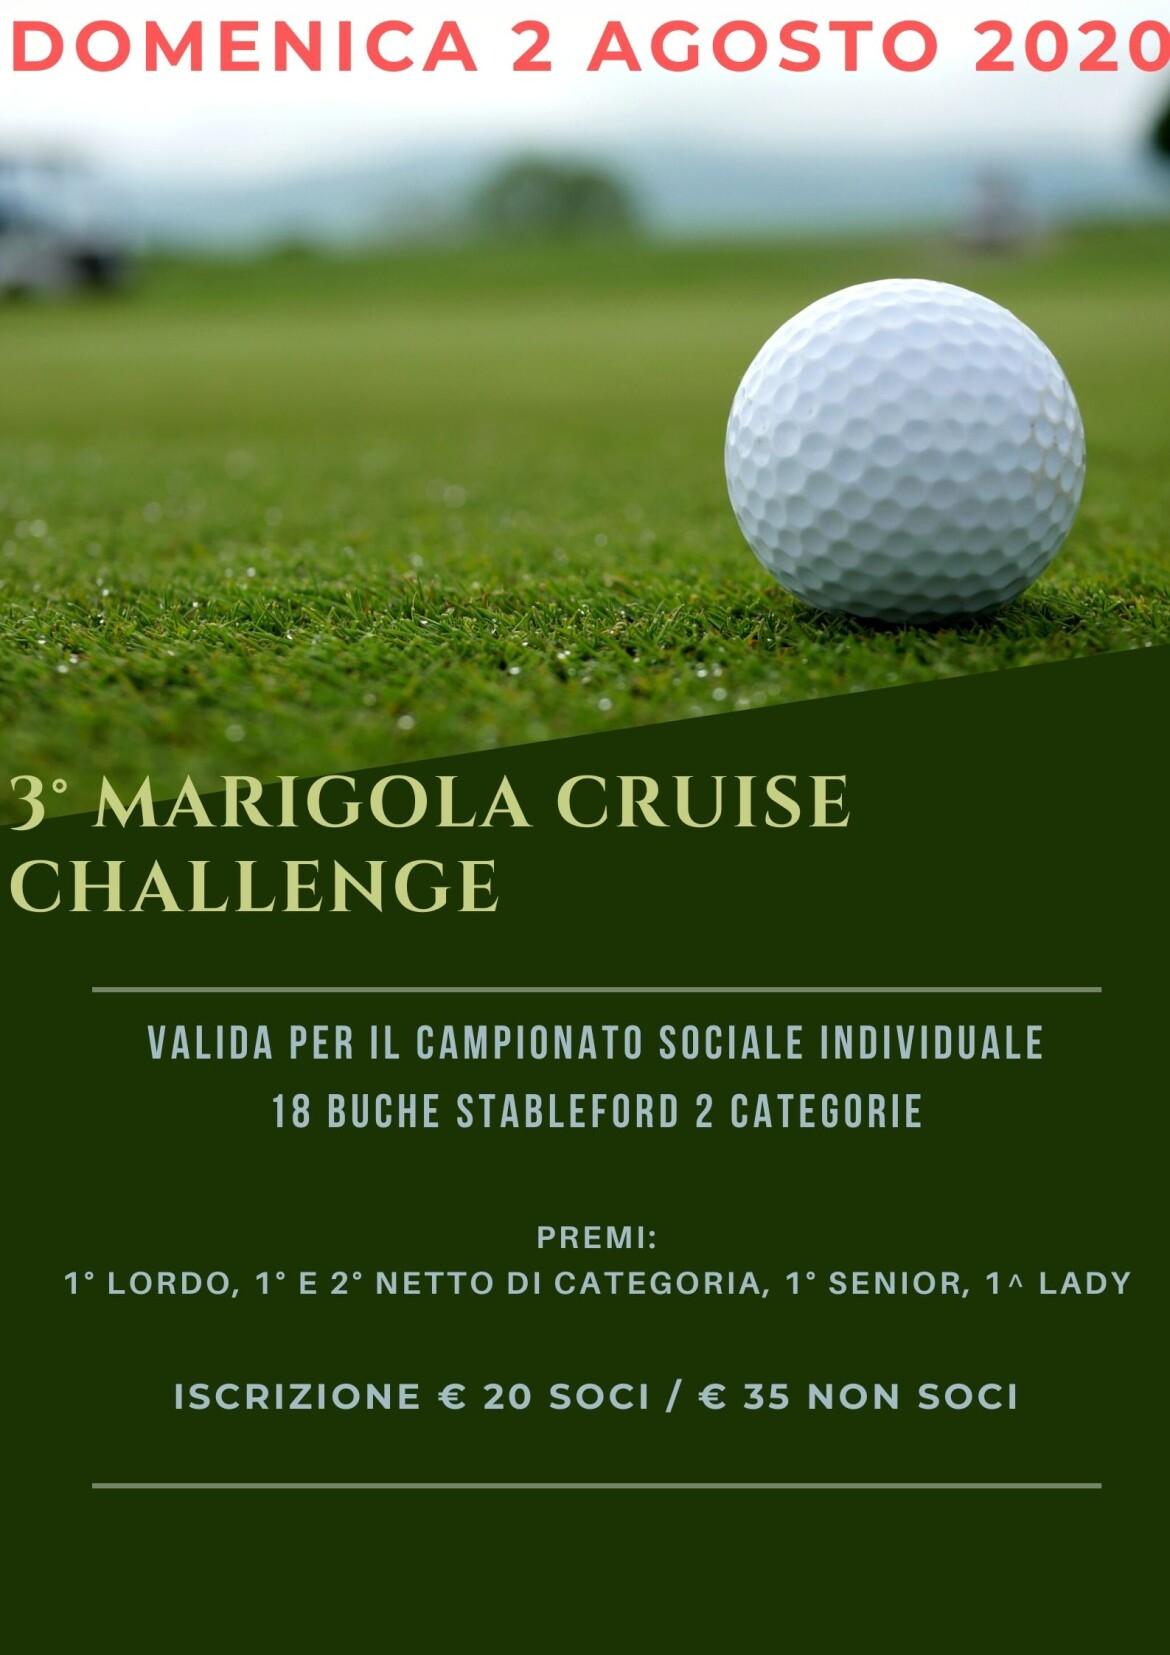 3° Marigola Cruise Challenge – 5^ tappa – camp. soc. individuale